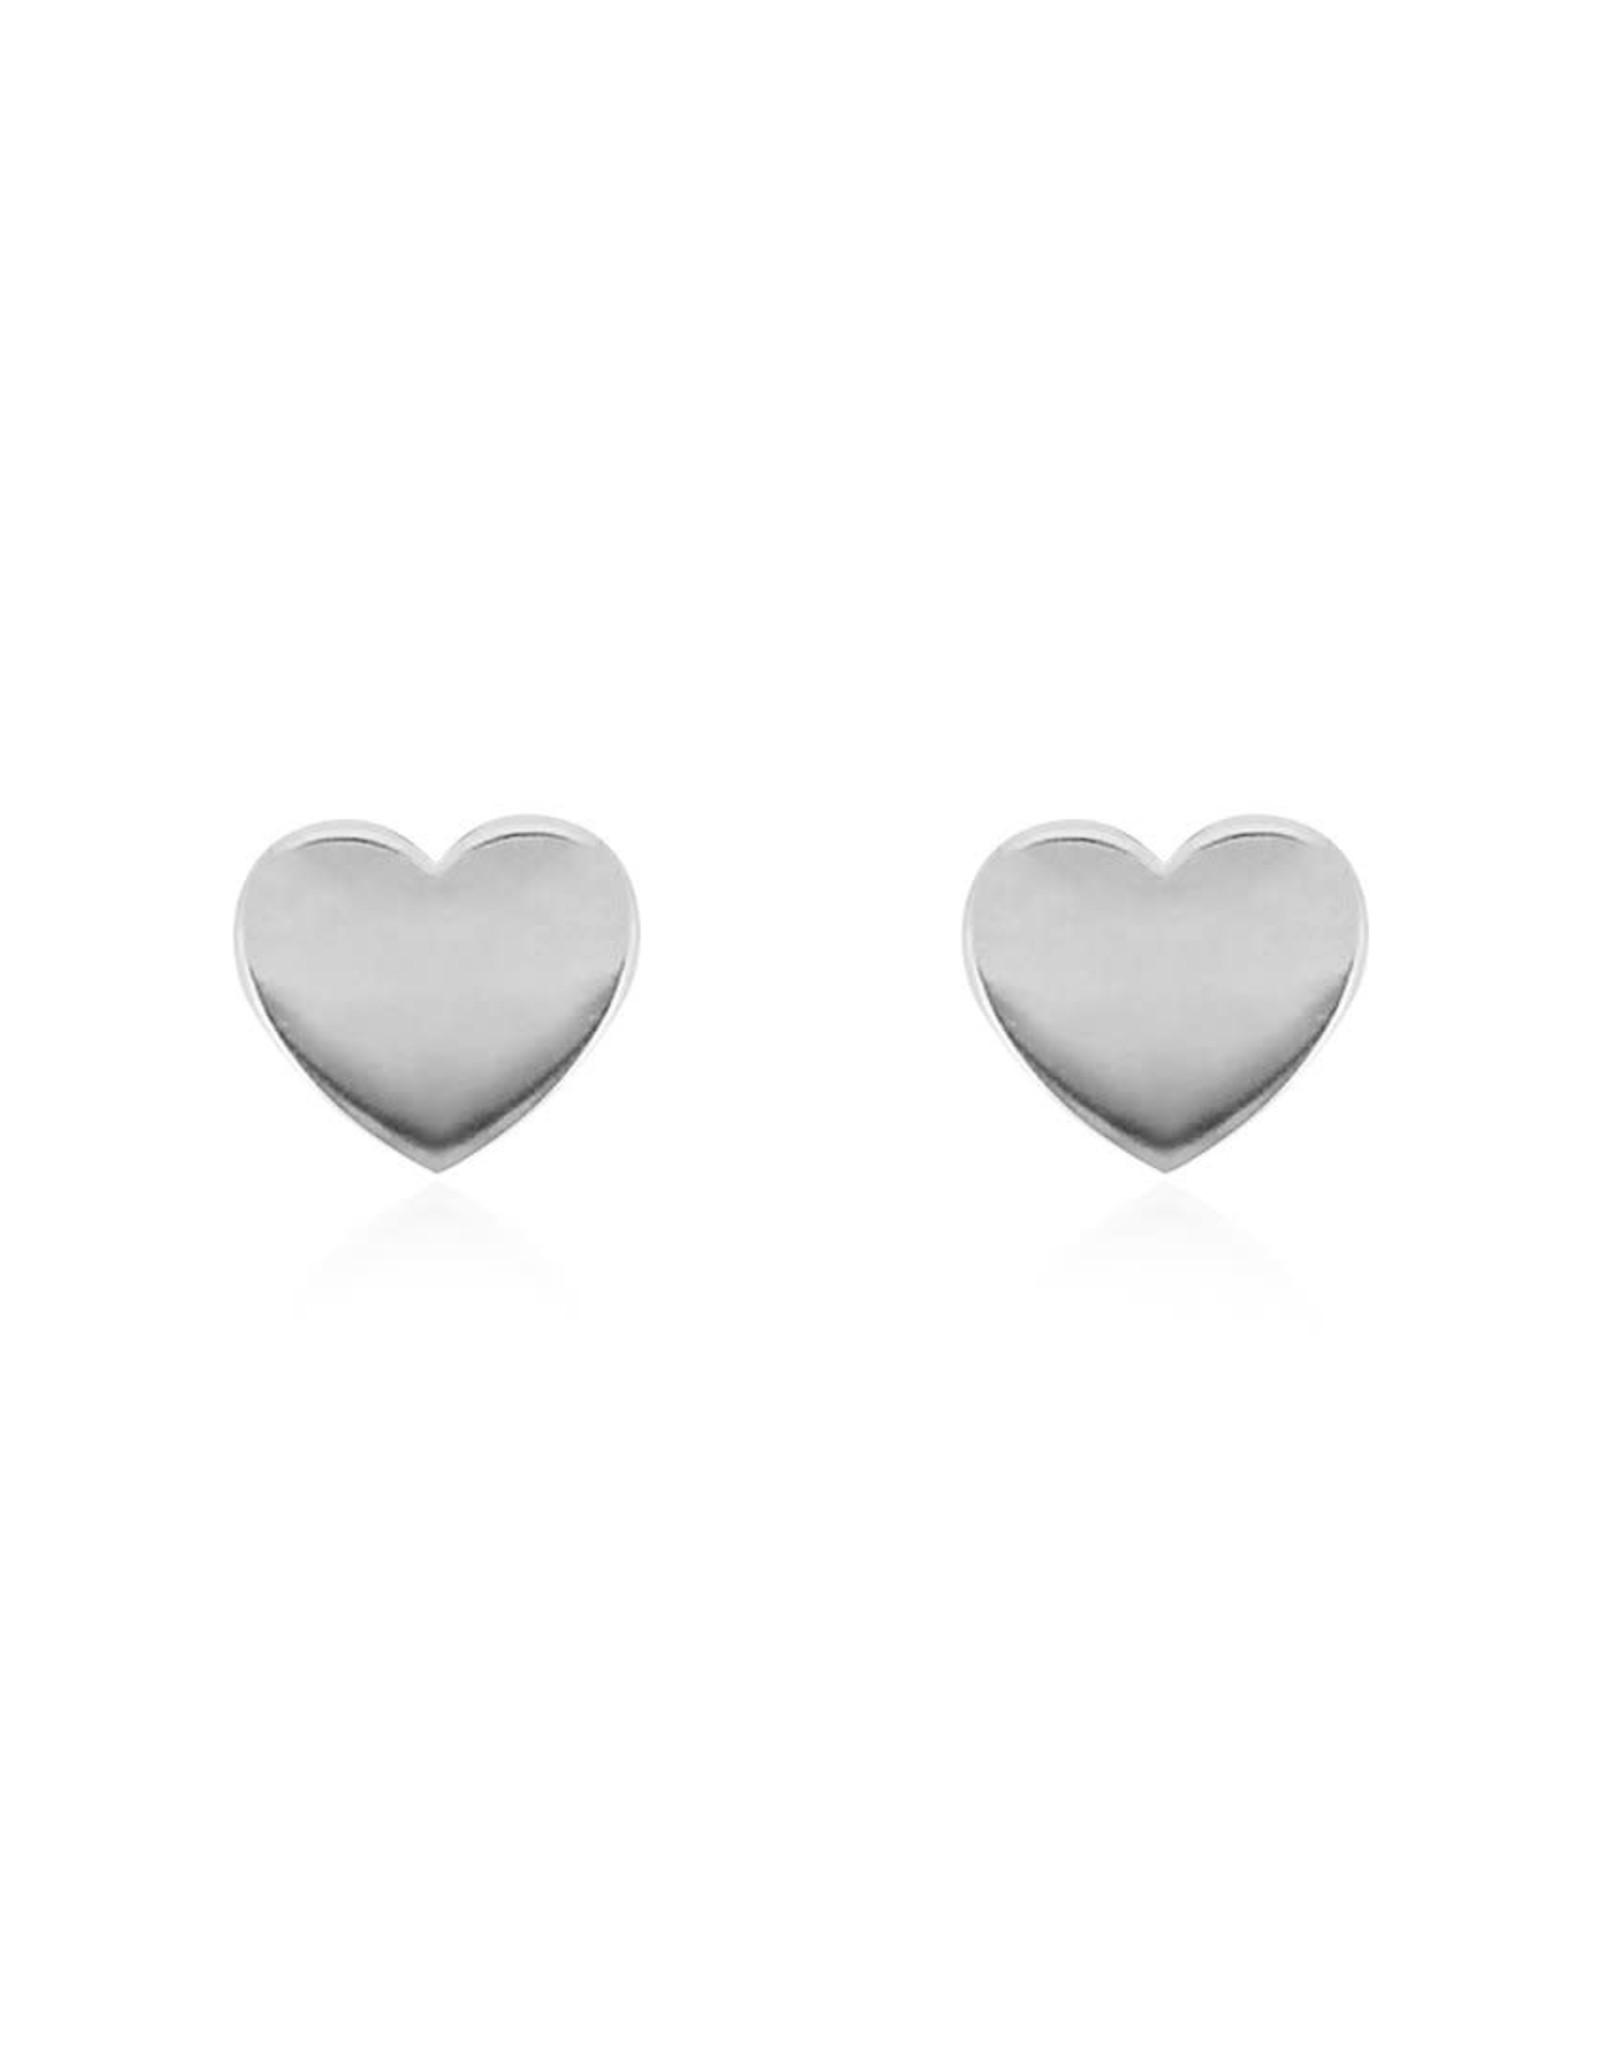 Heart Stud Earrings, Silver